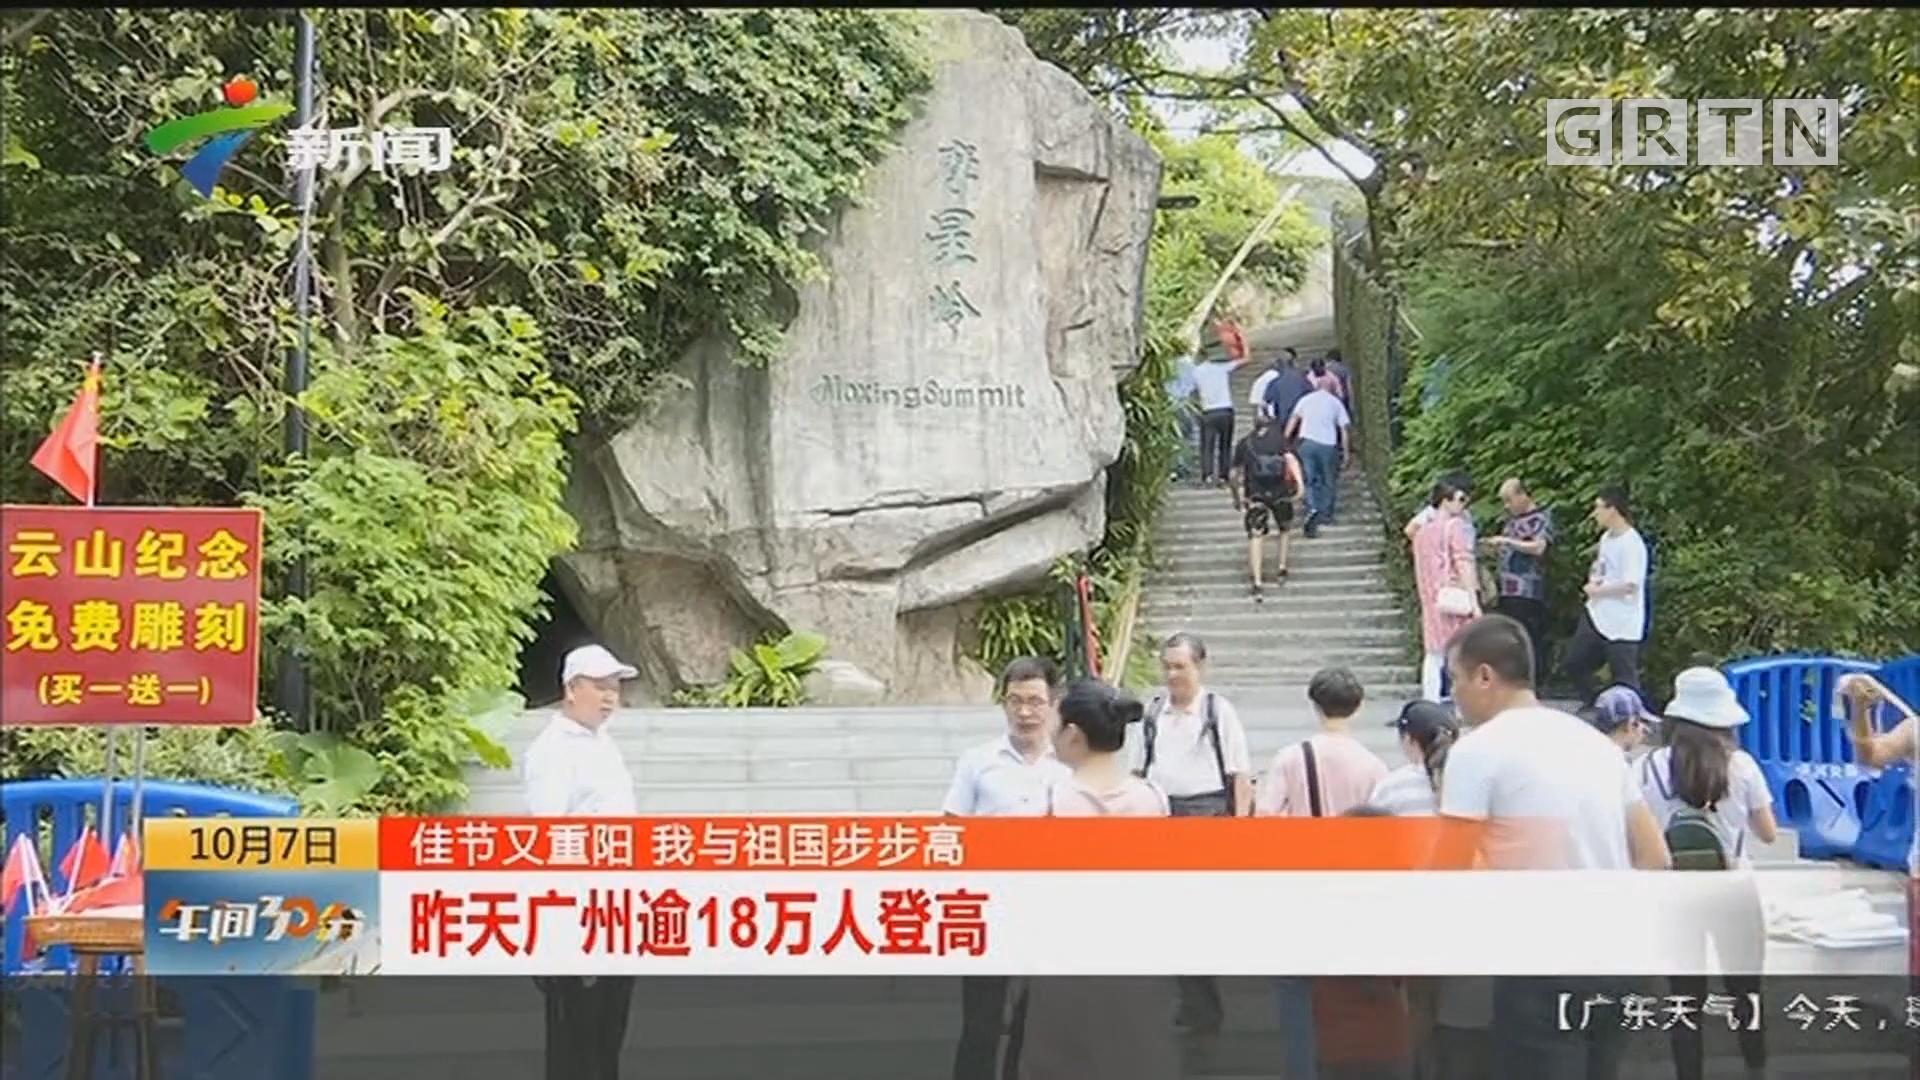 佳节又重阳 我与祖国步步高:昨天广州逾18万人登高